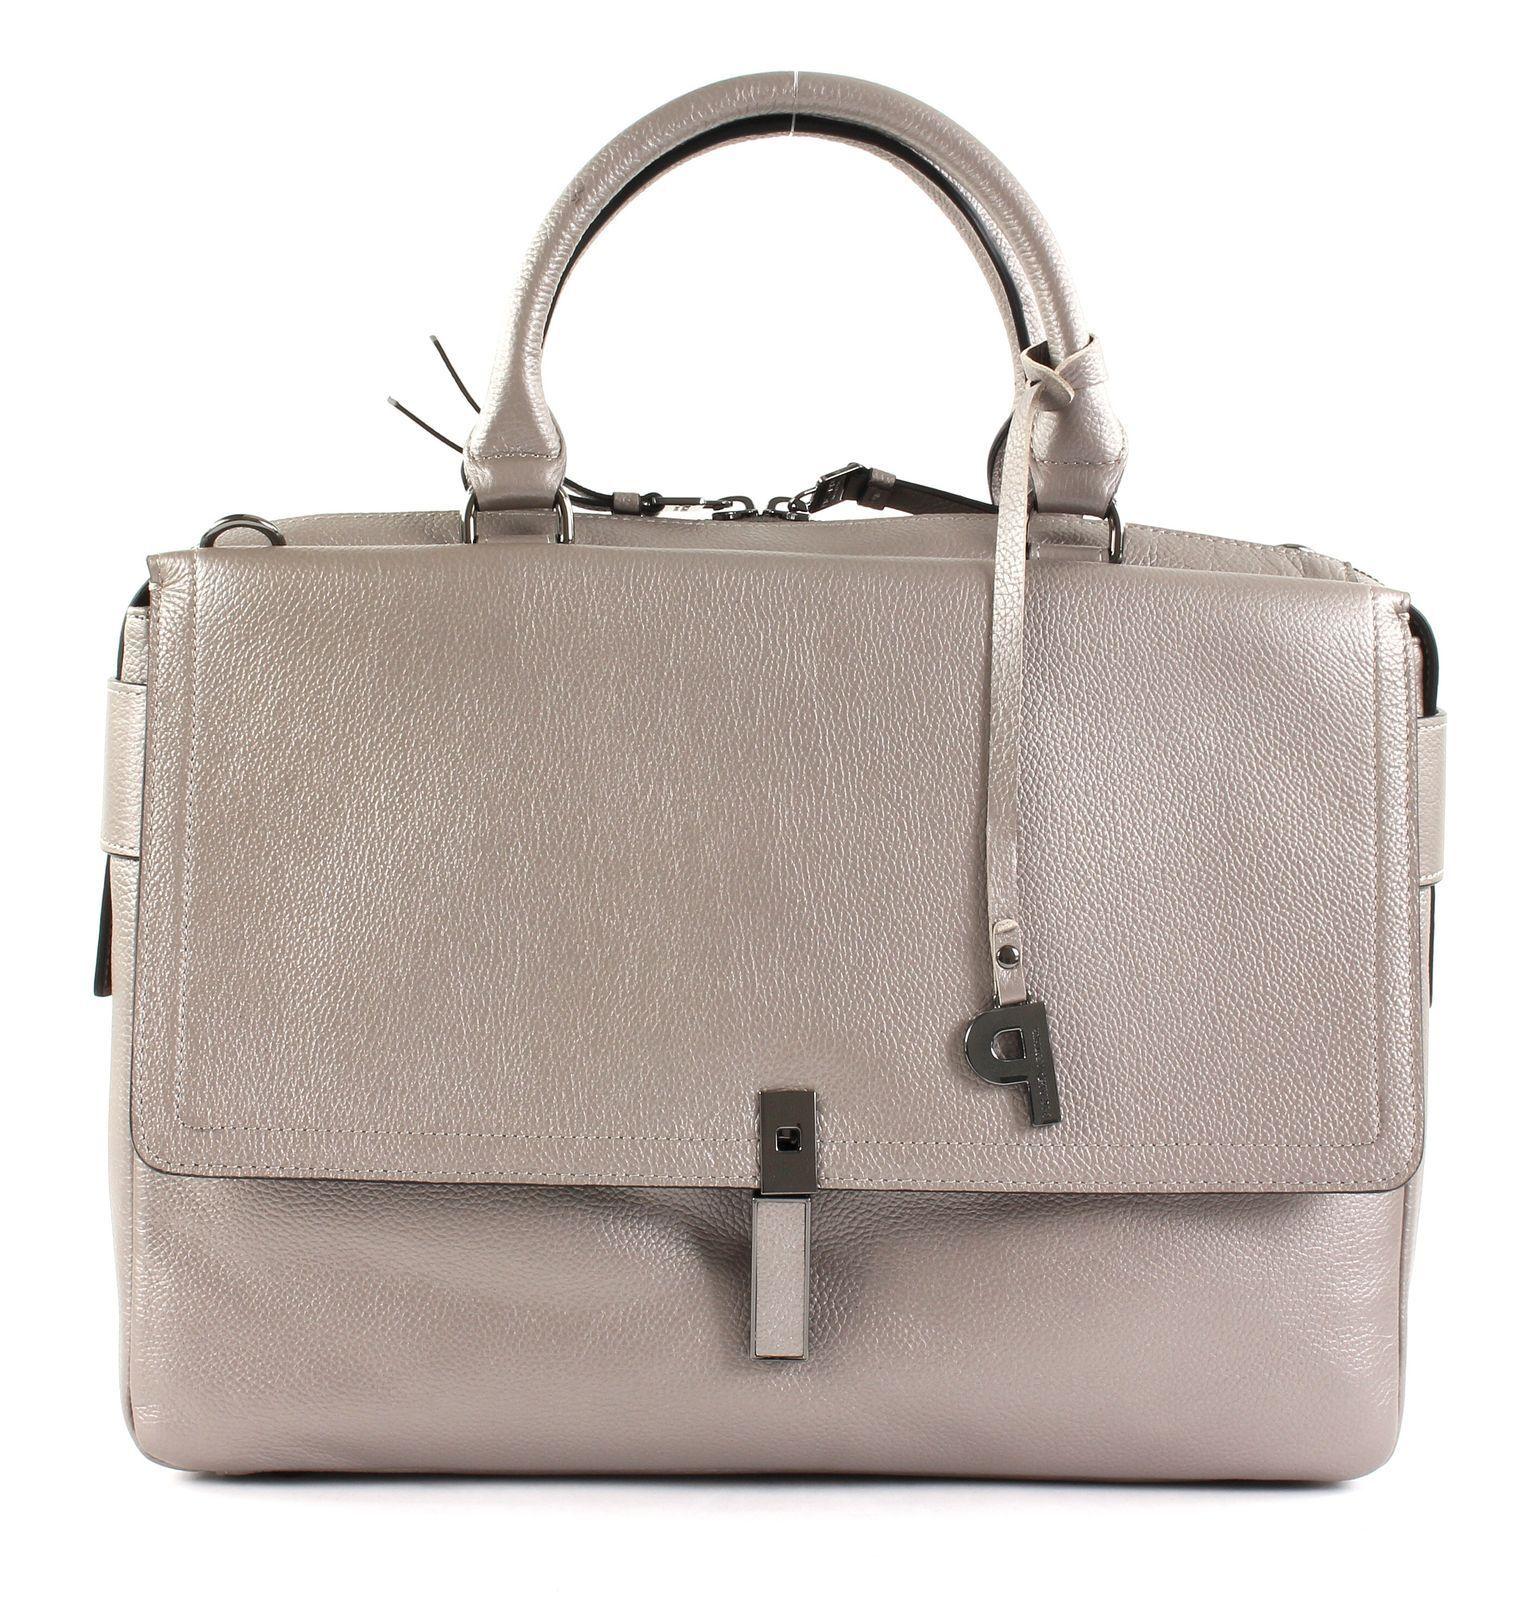 PICARD Lola Handbag Handtasche Bürotasche Schultertasche Tasche Altsilber Silber | Angenehmes Aussehen  | Ausgezeichnete Leistung  | Ausgezeichneter Wert